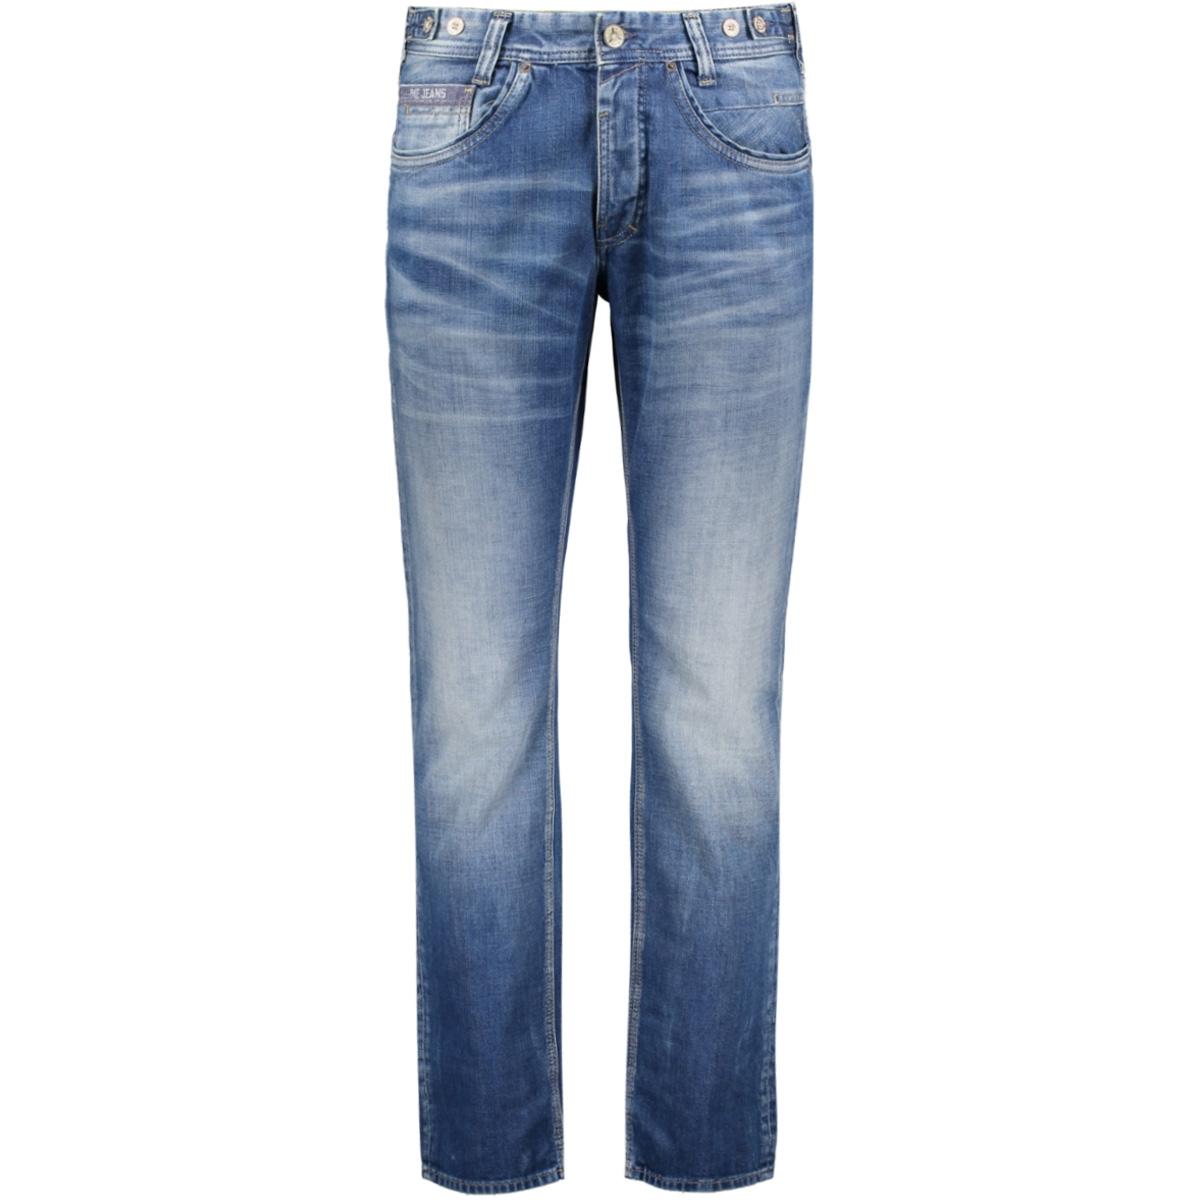 denim greyhound ptr190 pme legend jeans nbw